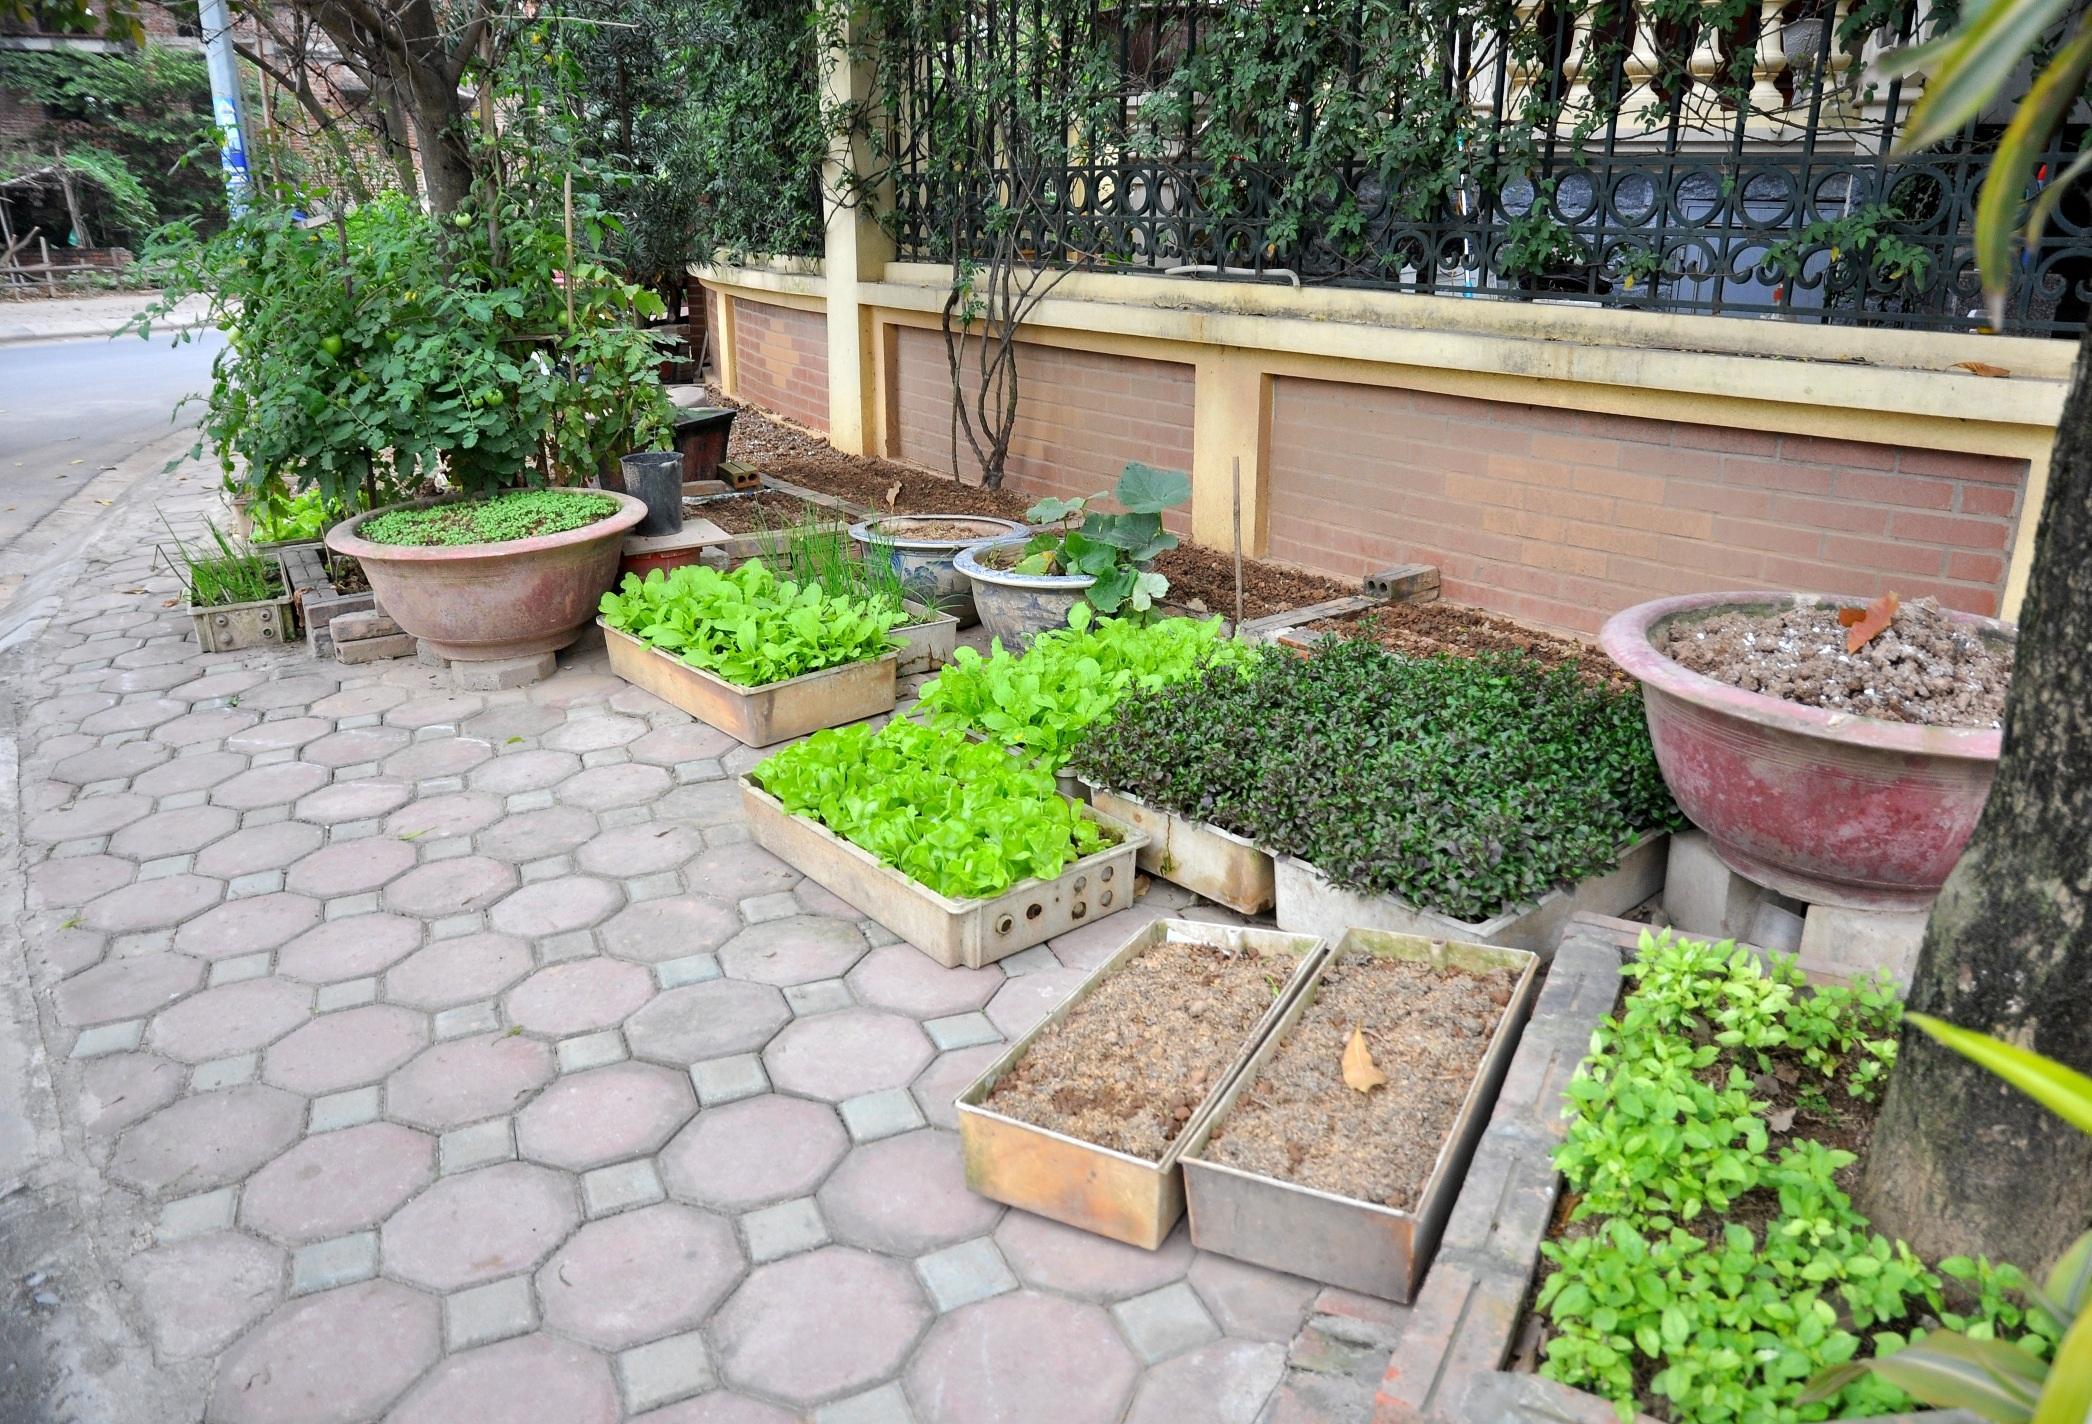 Không chỉ trồng rau tại các căn biệt thự bỏ hoang, ông Đệ còn tận dụng khoảng sân trước nhà, trồng rau trong các thùng xốp.